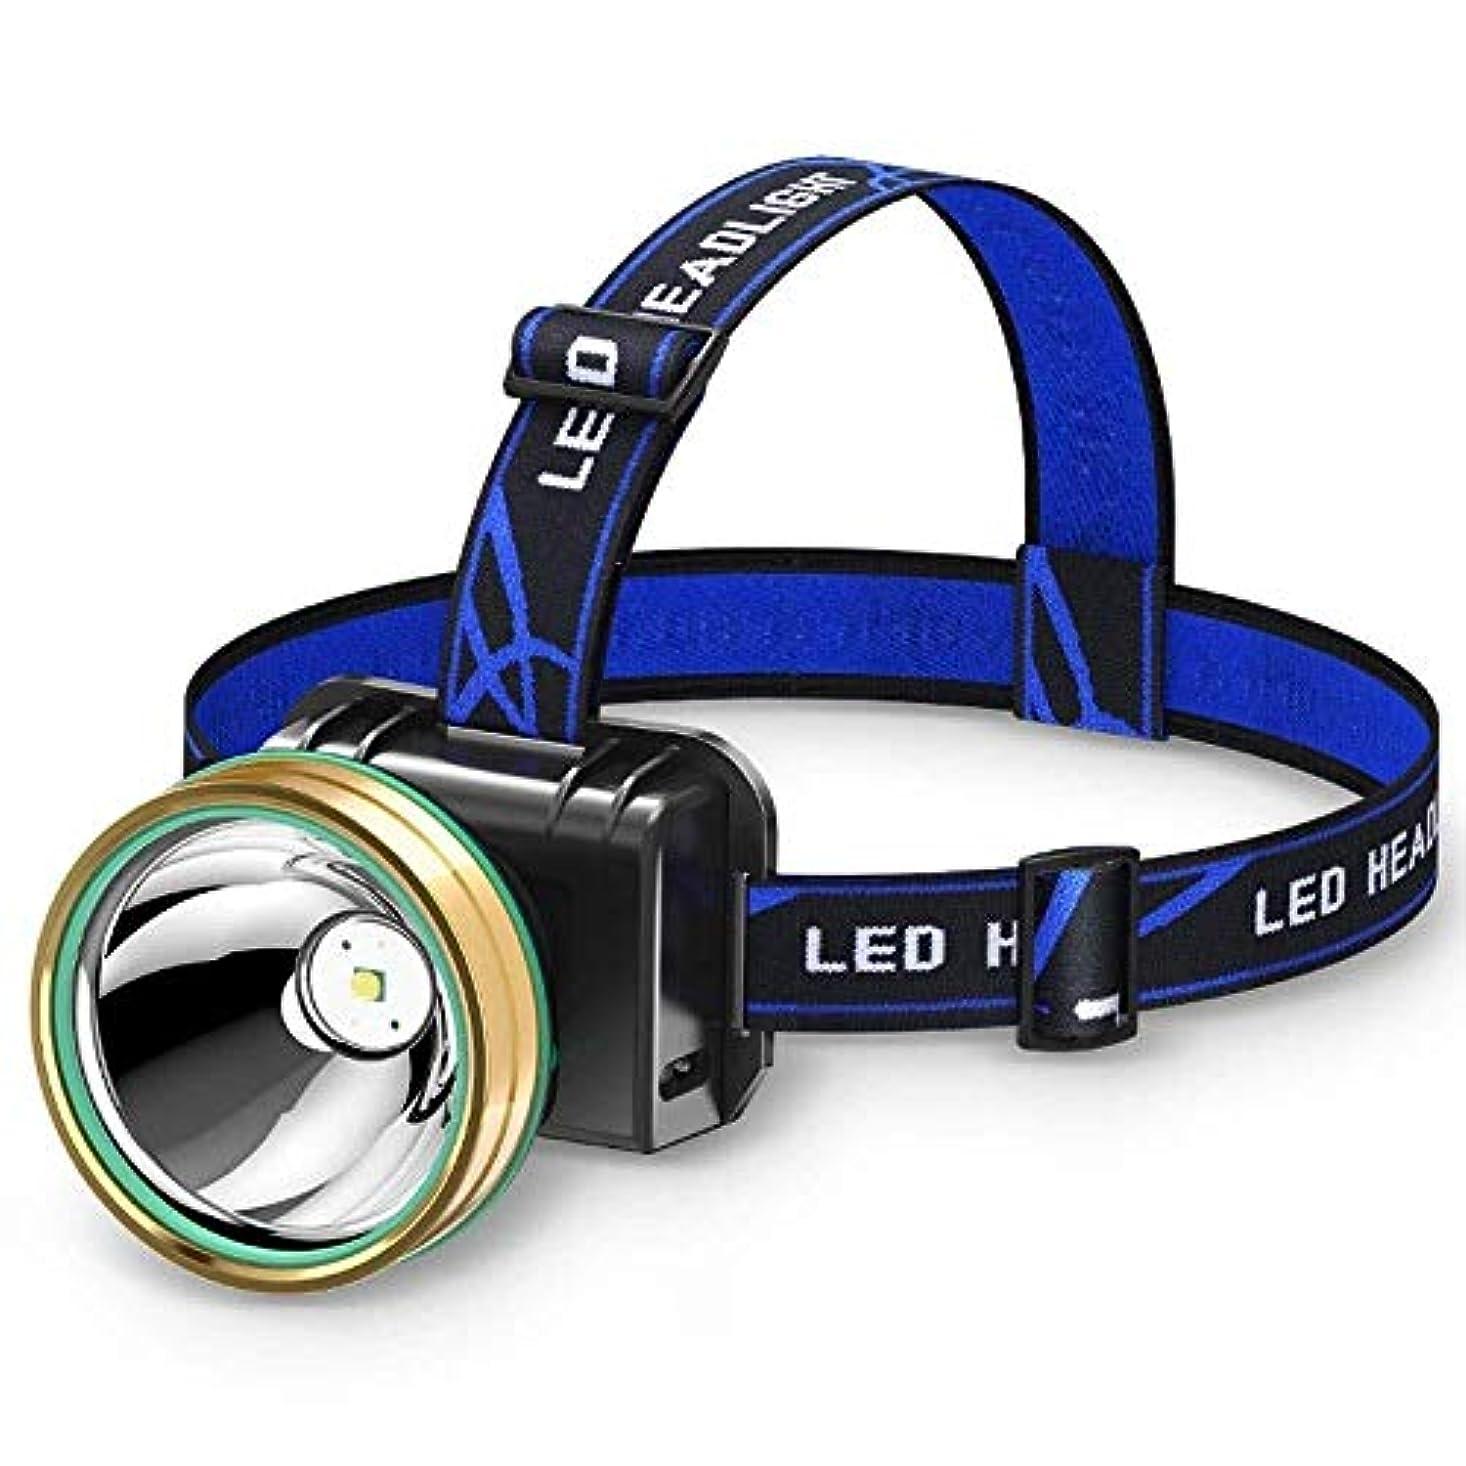 望む眉ケントヘッドランプ、LEDヘッドランプ、USB充電式、インテリジェント誘導防水ヘッドランプ、屋外のキャンプサイクリング実行釣りのための2つのモードのヘッドライトとスーパーブライト懐中電灯